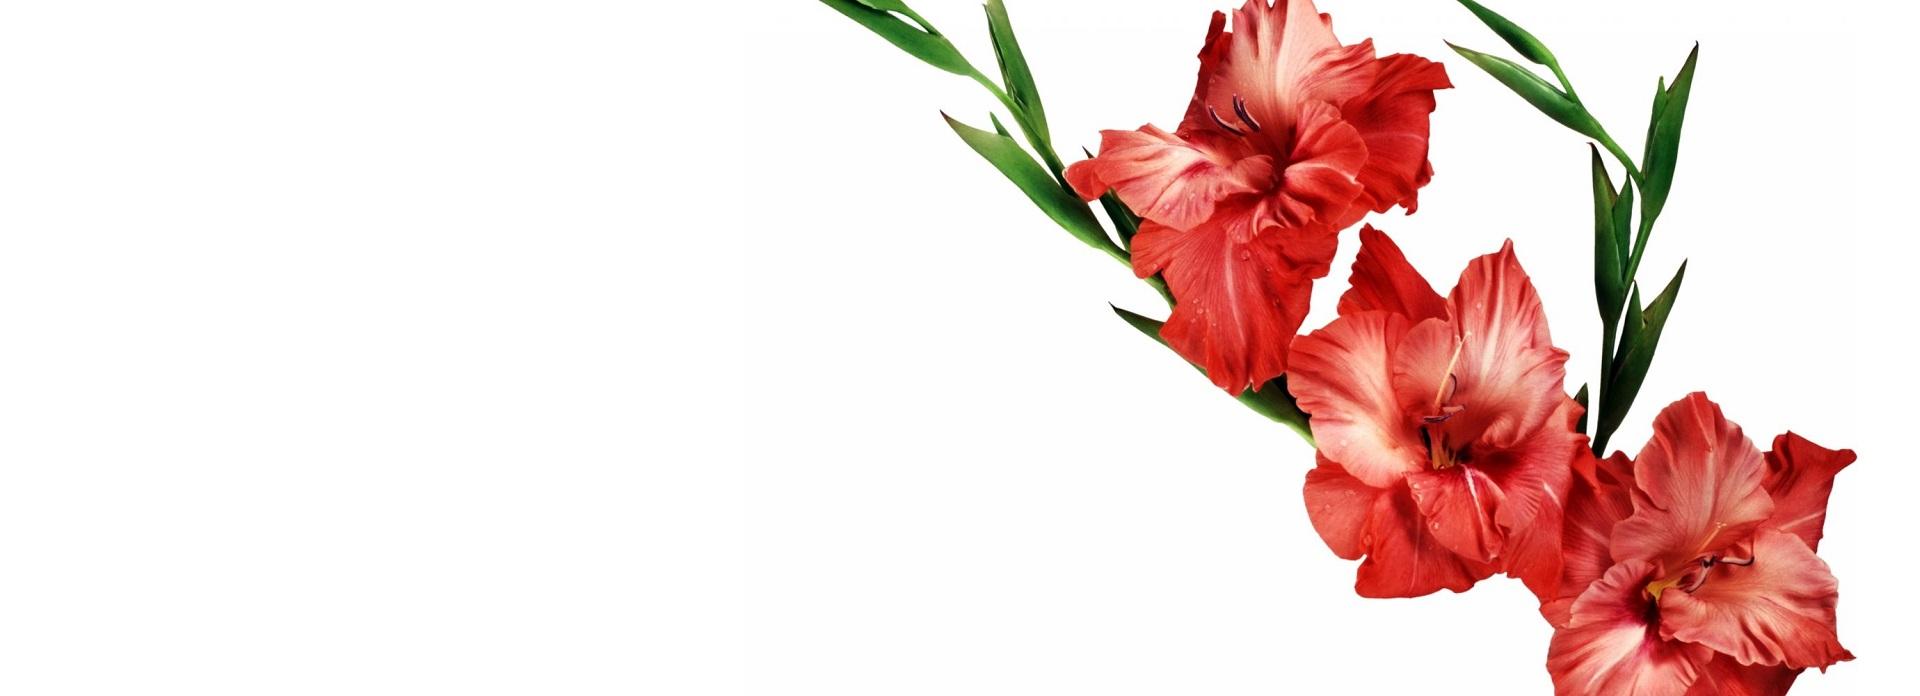 La Rosa y el Gladiolo por Lauren O. Thyme. Un cuento para reflexionar.